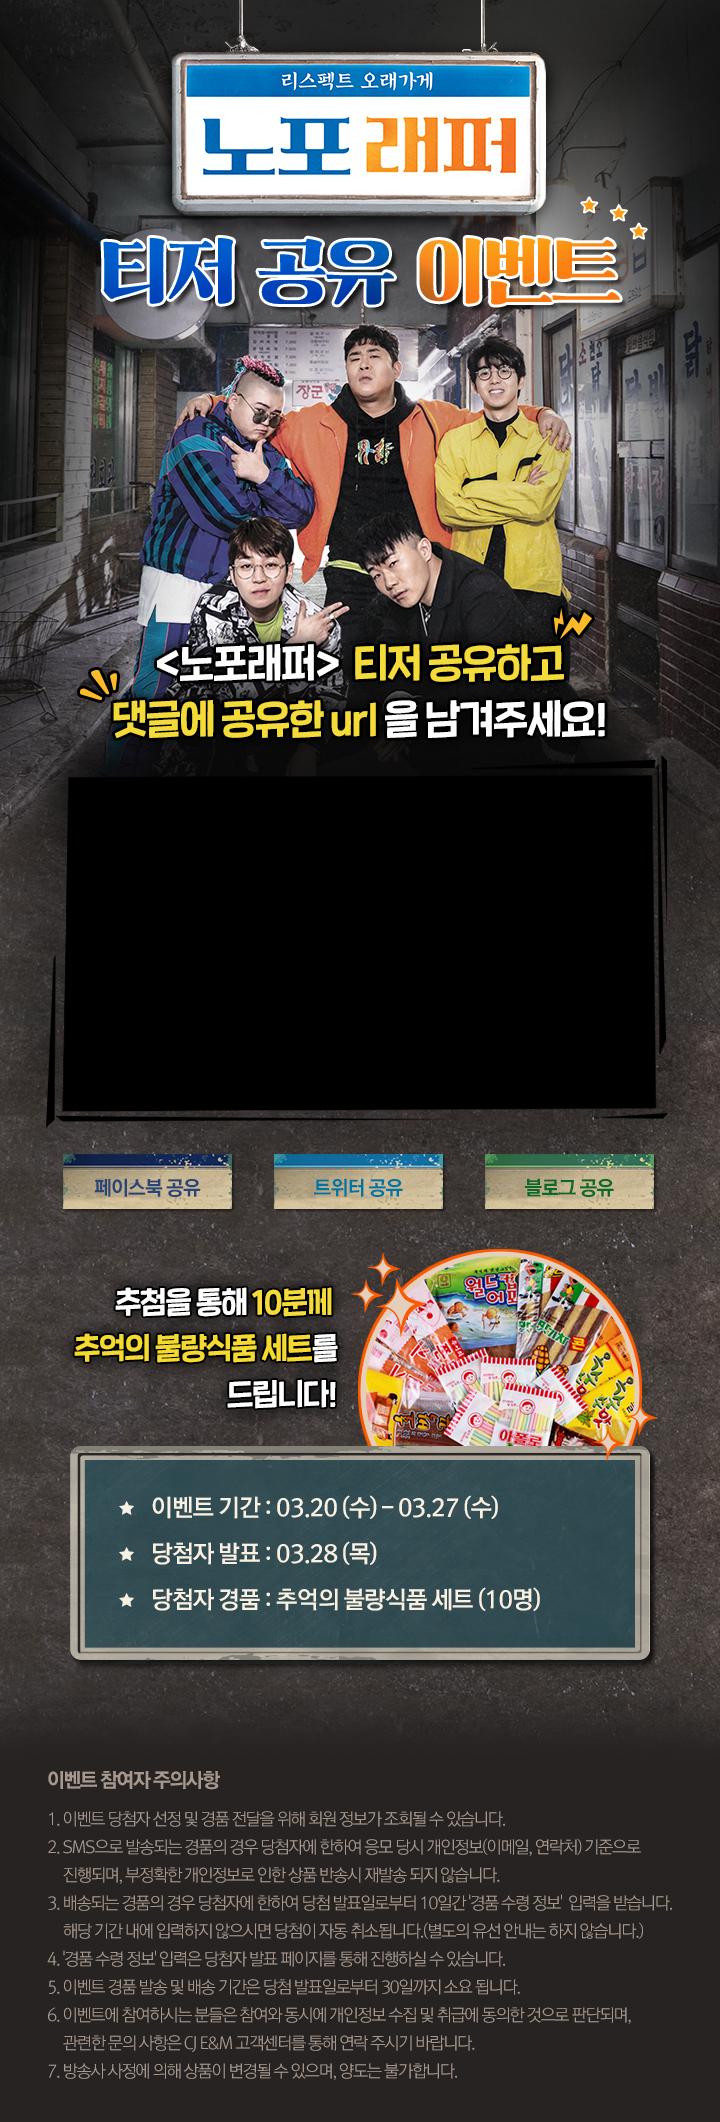 [노포래퍼] 티저 공유 EVENT